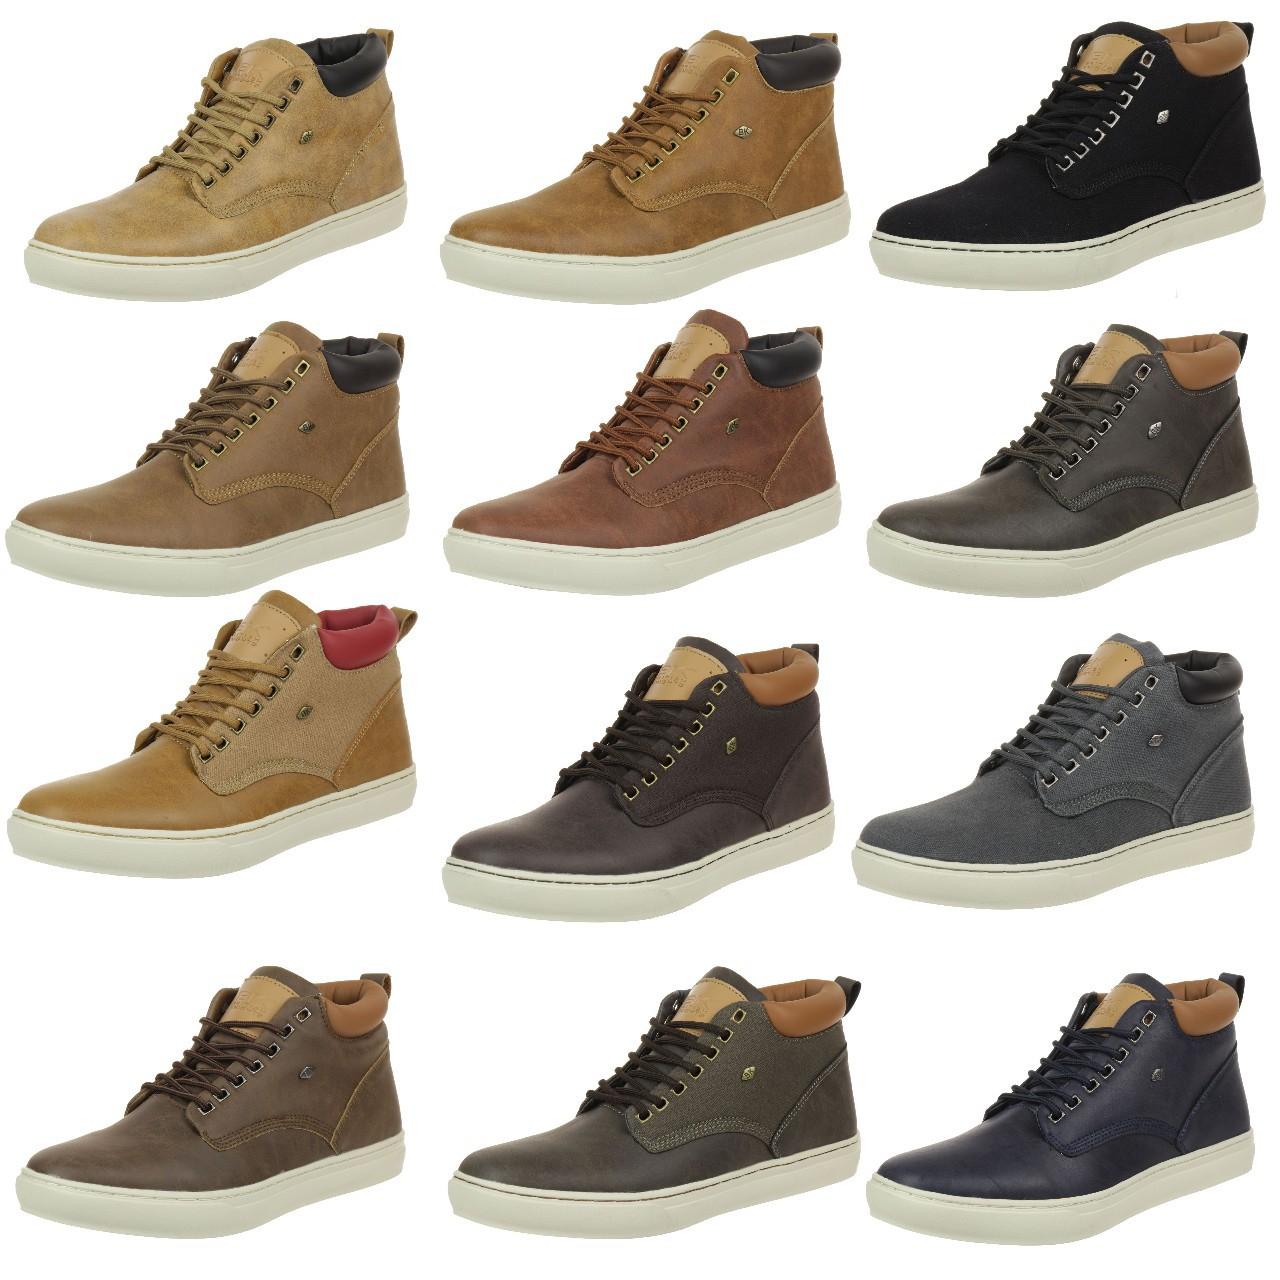 British Knights Wood BK Herren Sneaker Boots Stiefel Gr 36 - 45